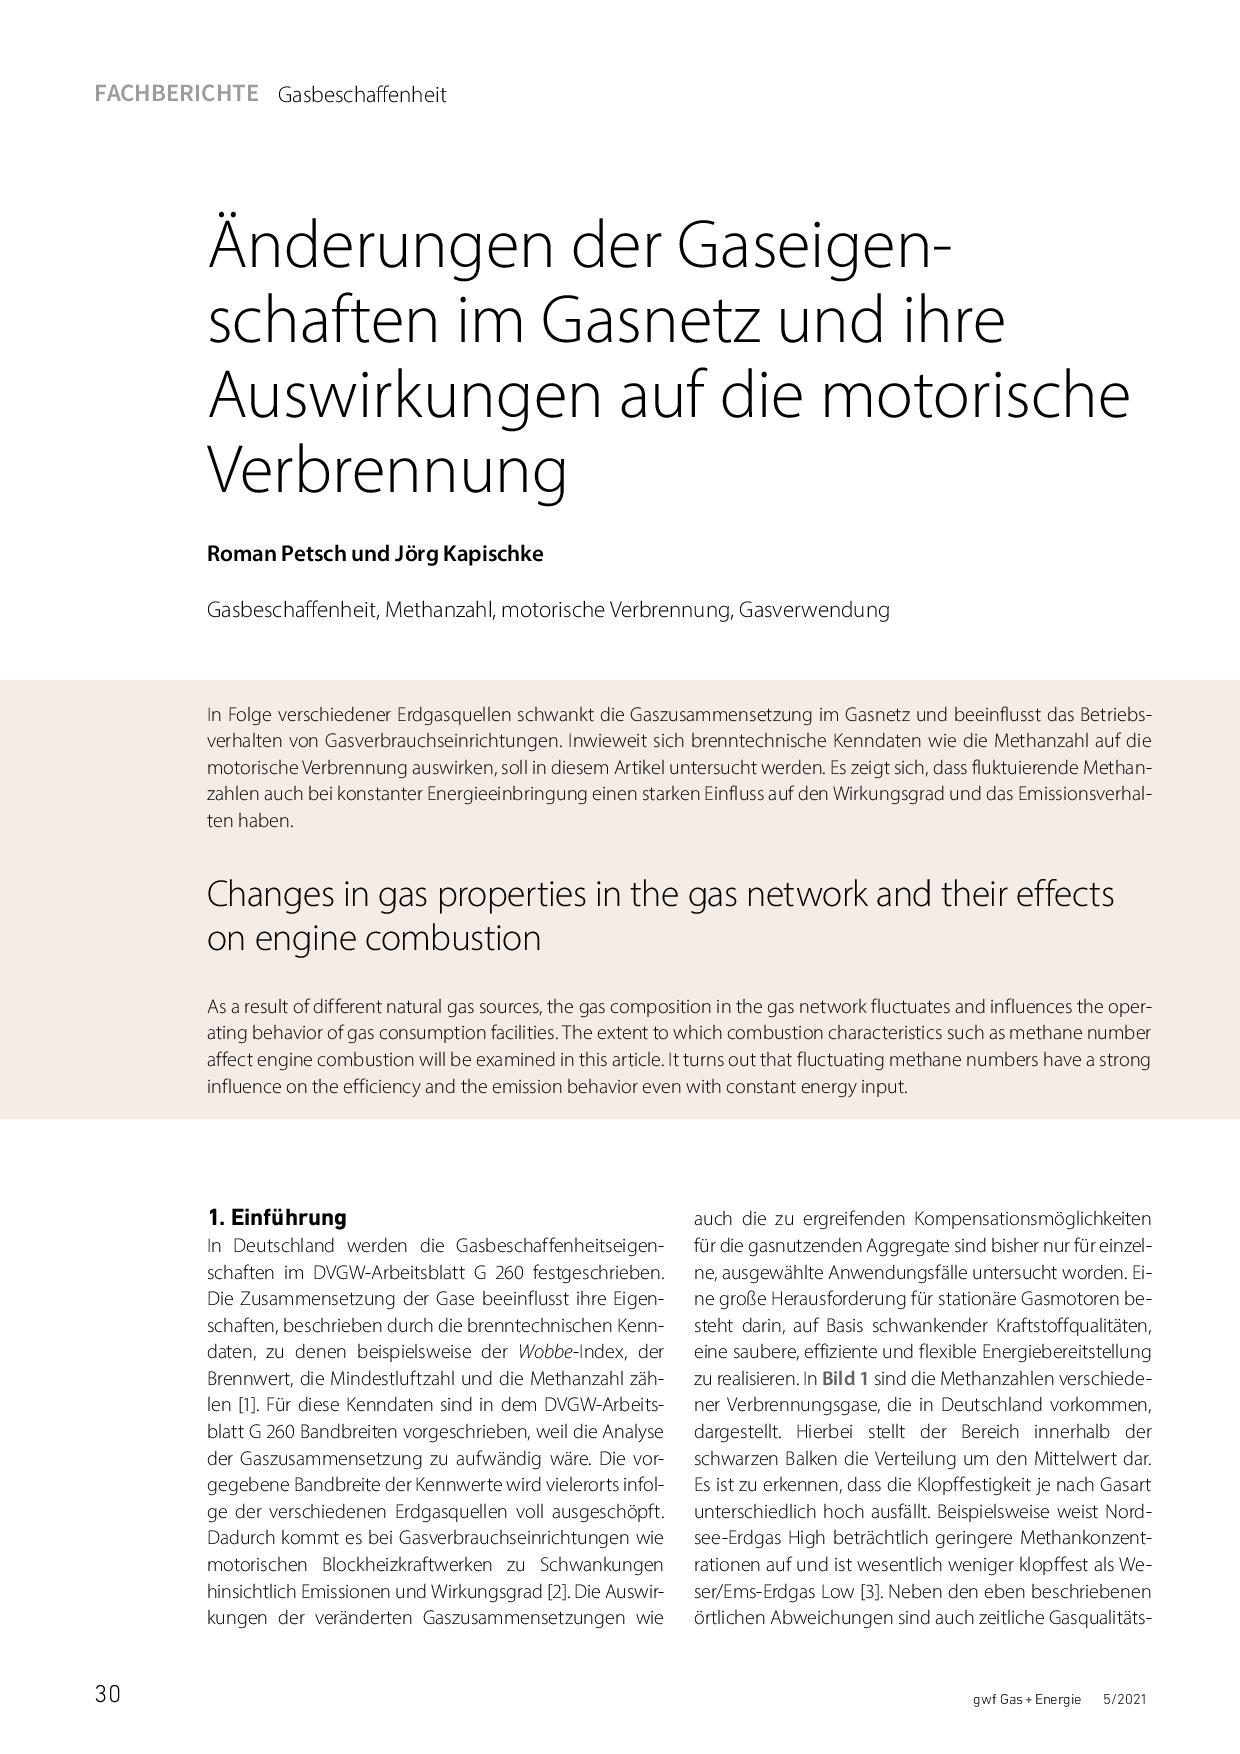 Änderungen der Gaseigenschaften im Gasnetz und ihre Auswirkungen auf die motorische Verbrennung